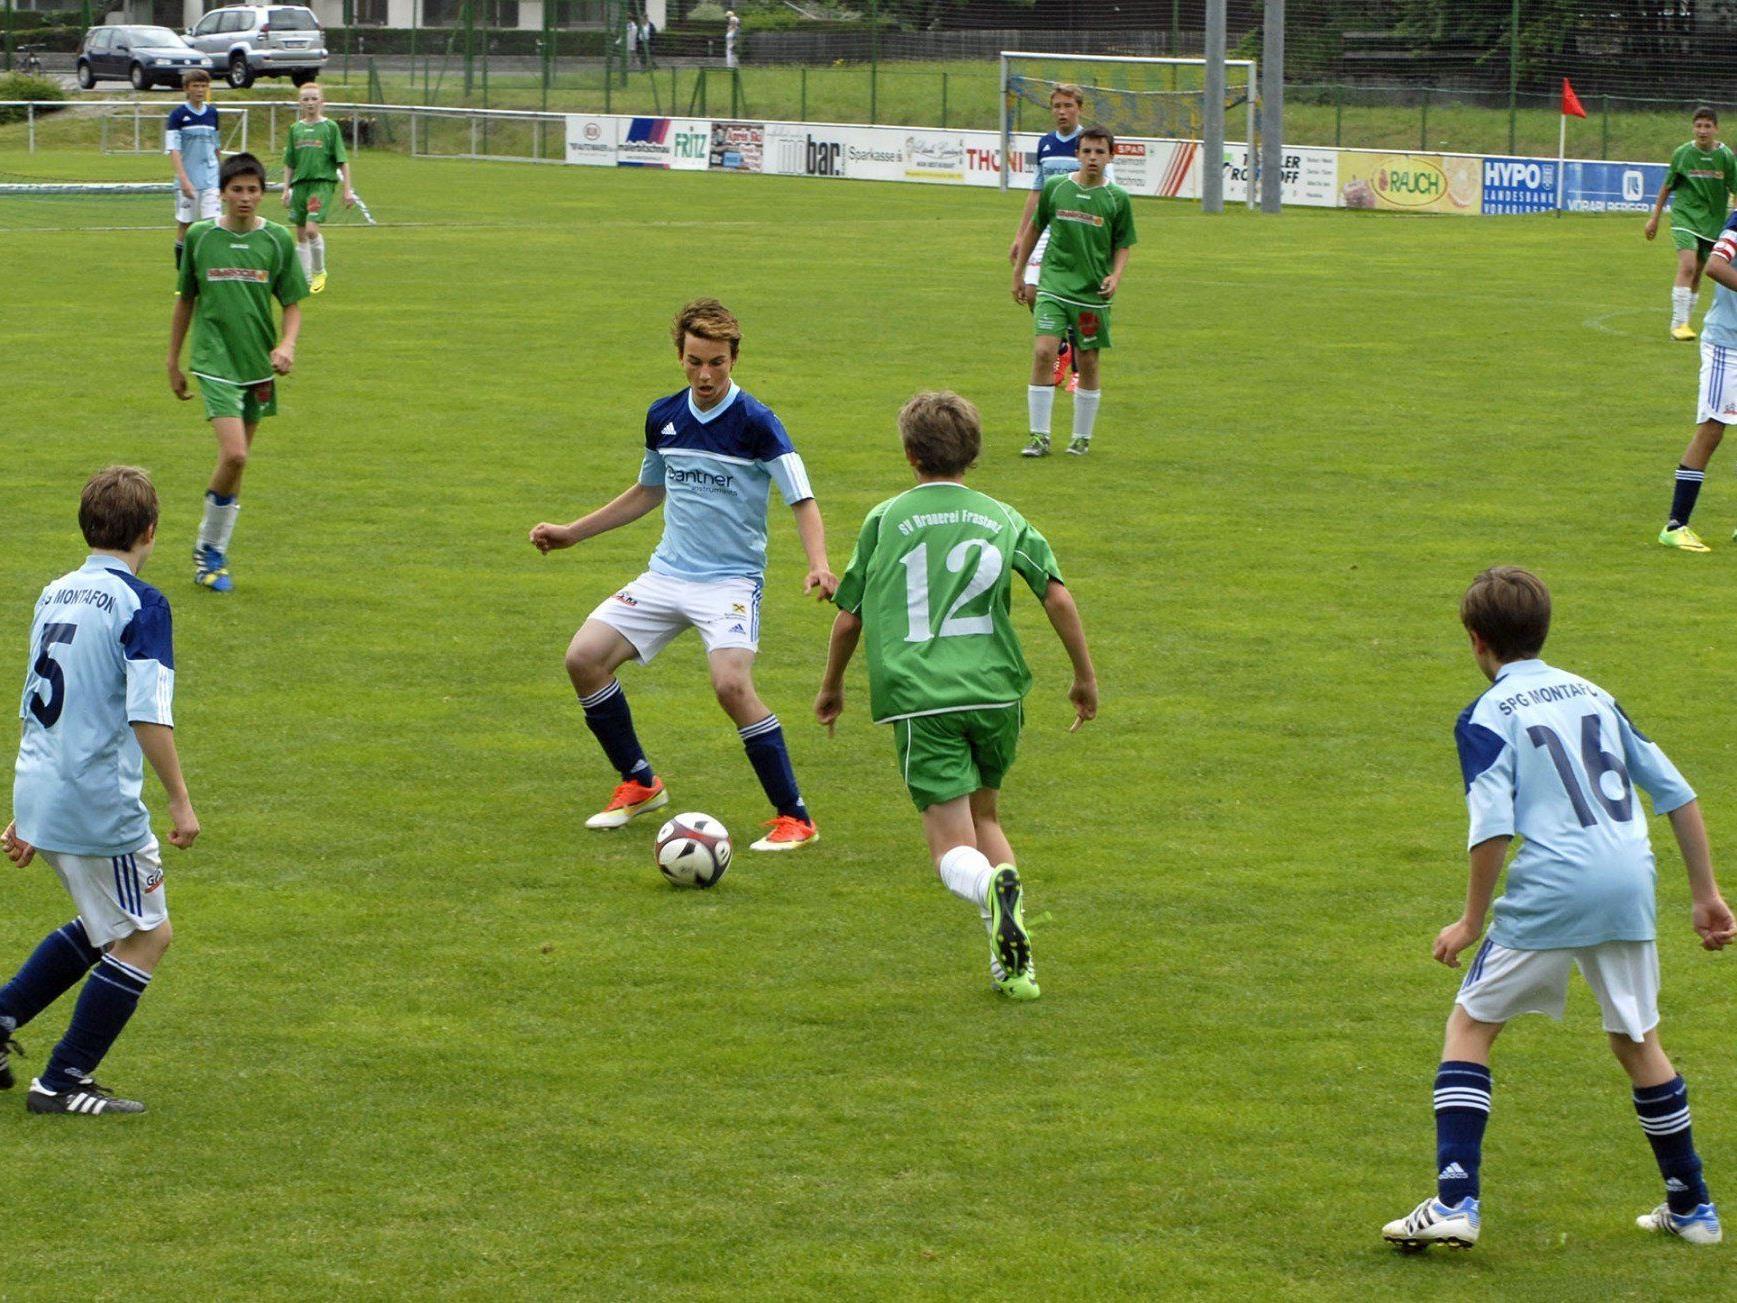 U14-Spiel SPG Montafon - SV Frastanz 2:1